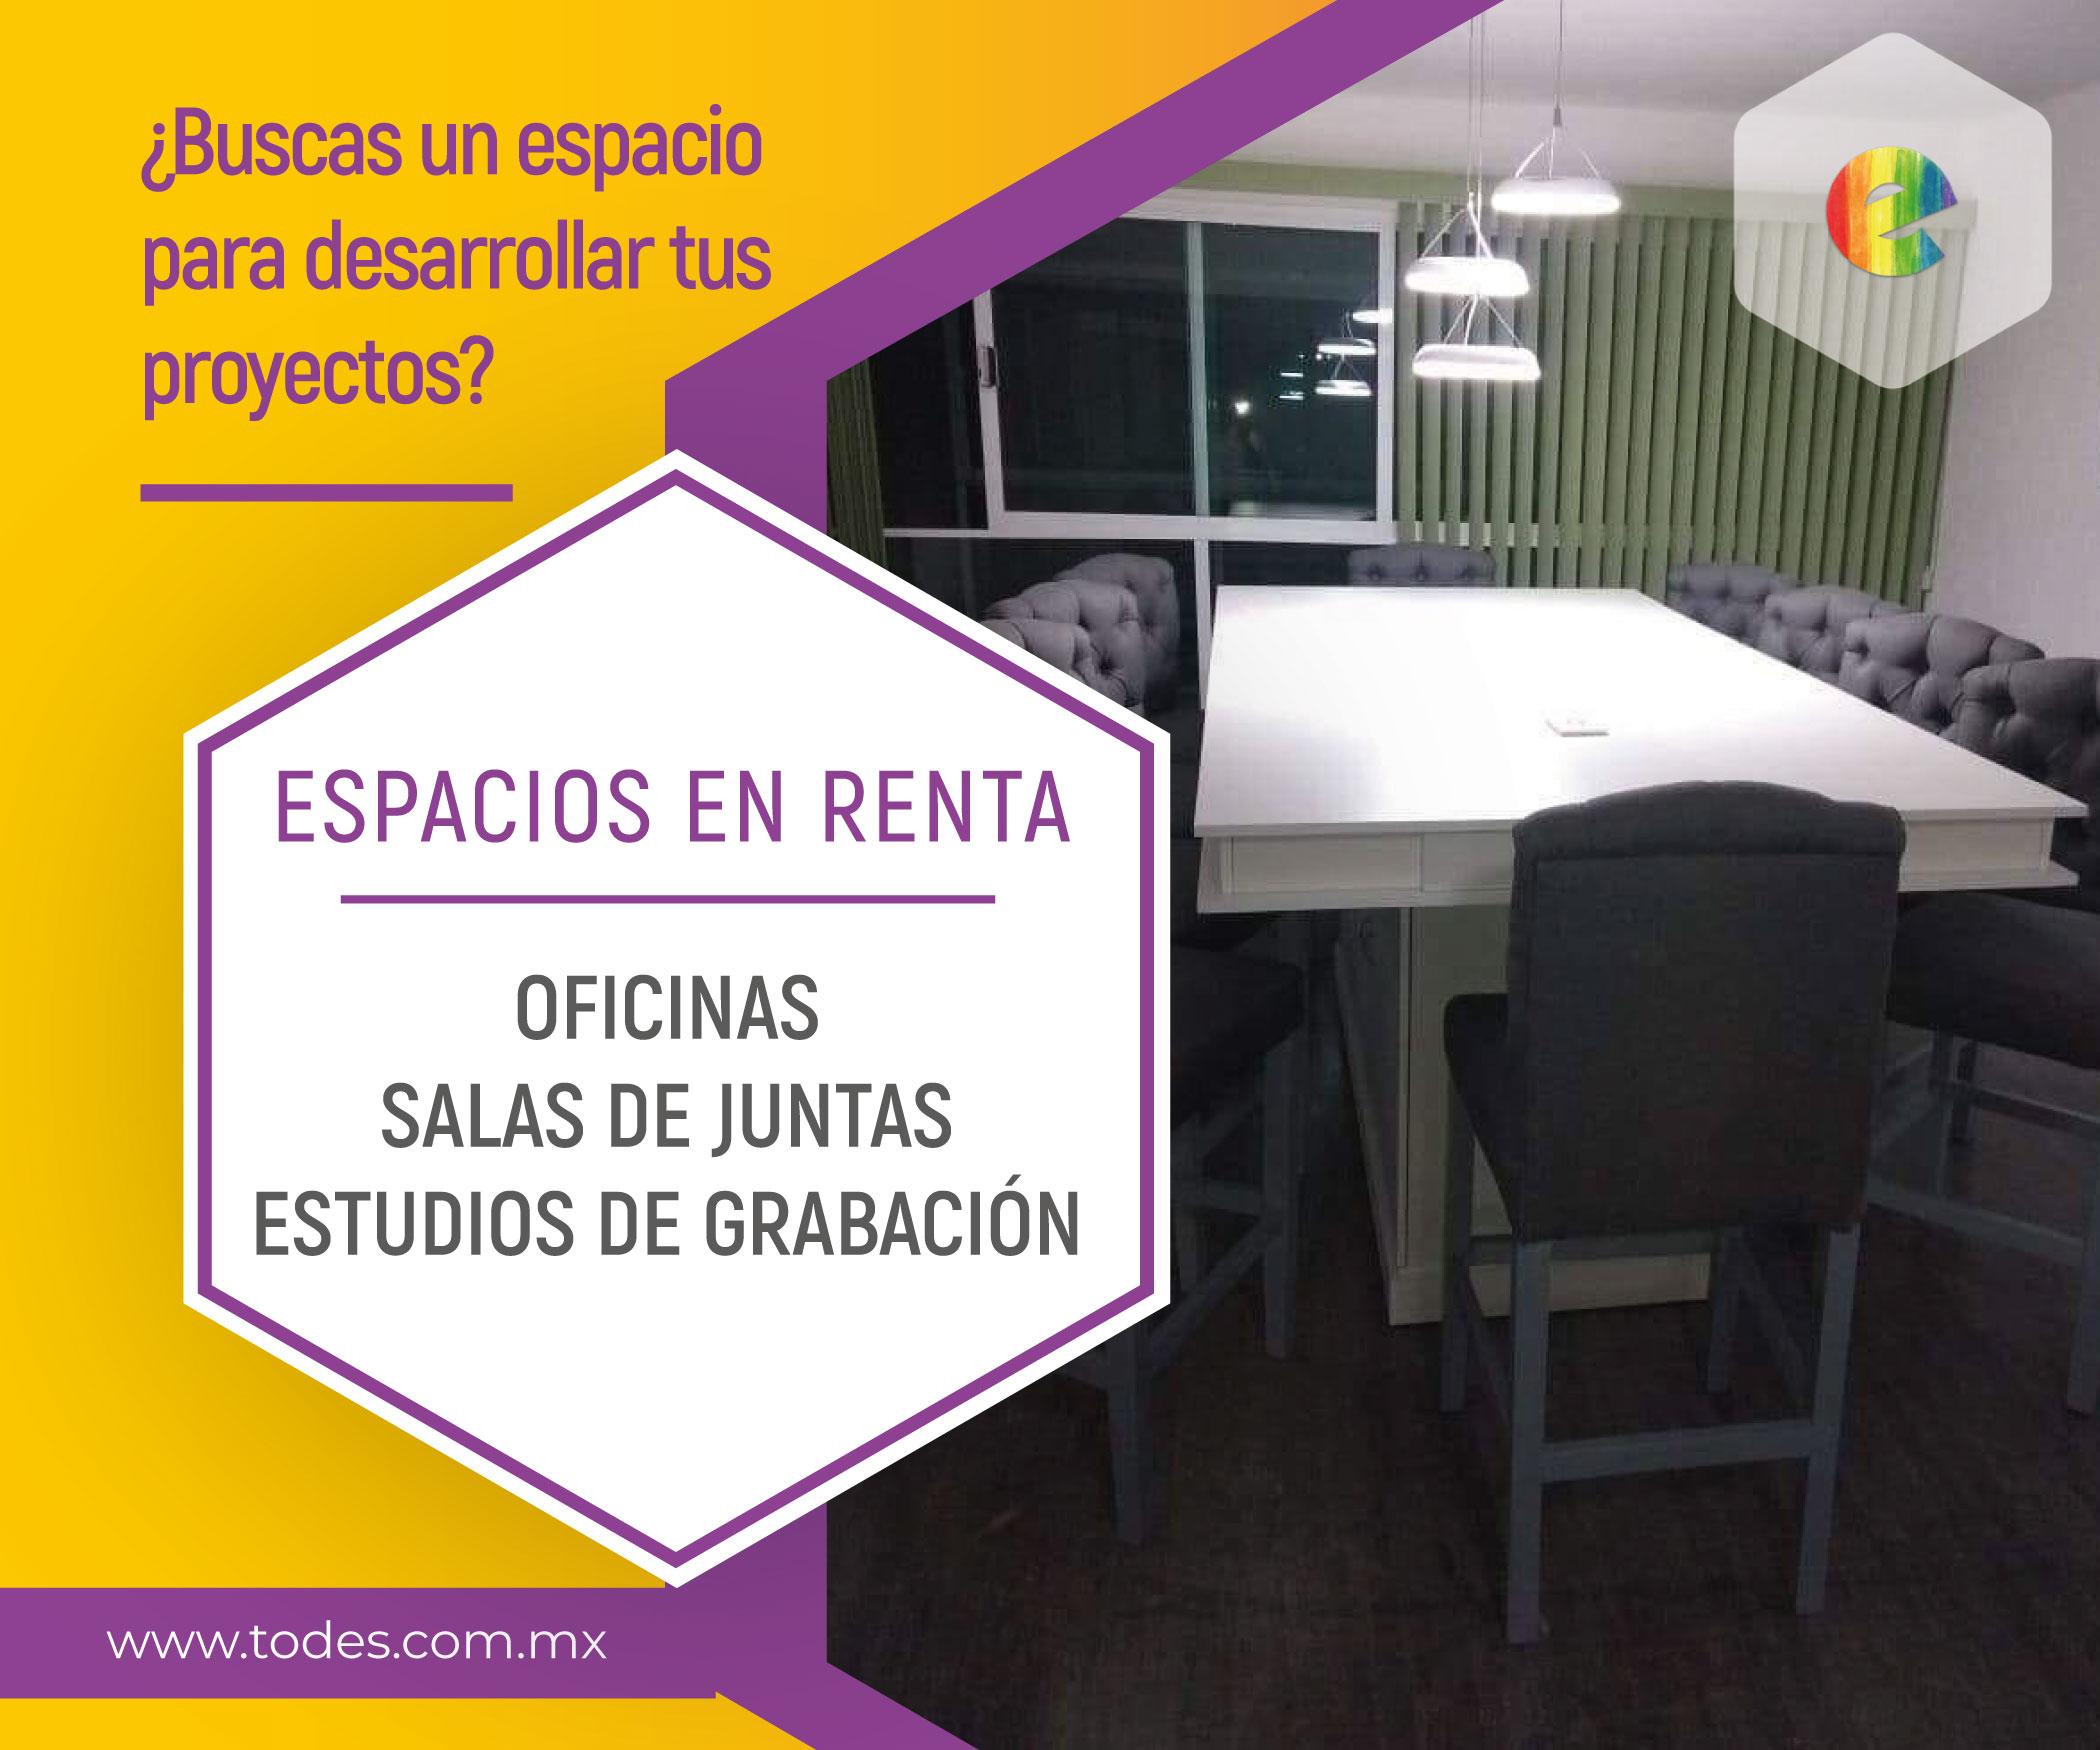 anuncio-oficinas-web2.jpg